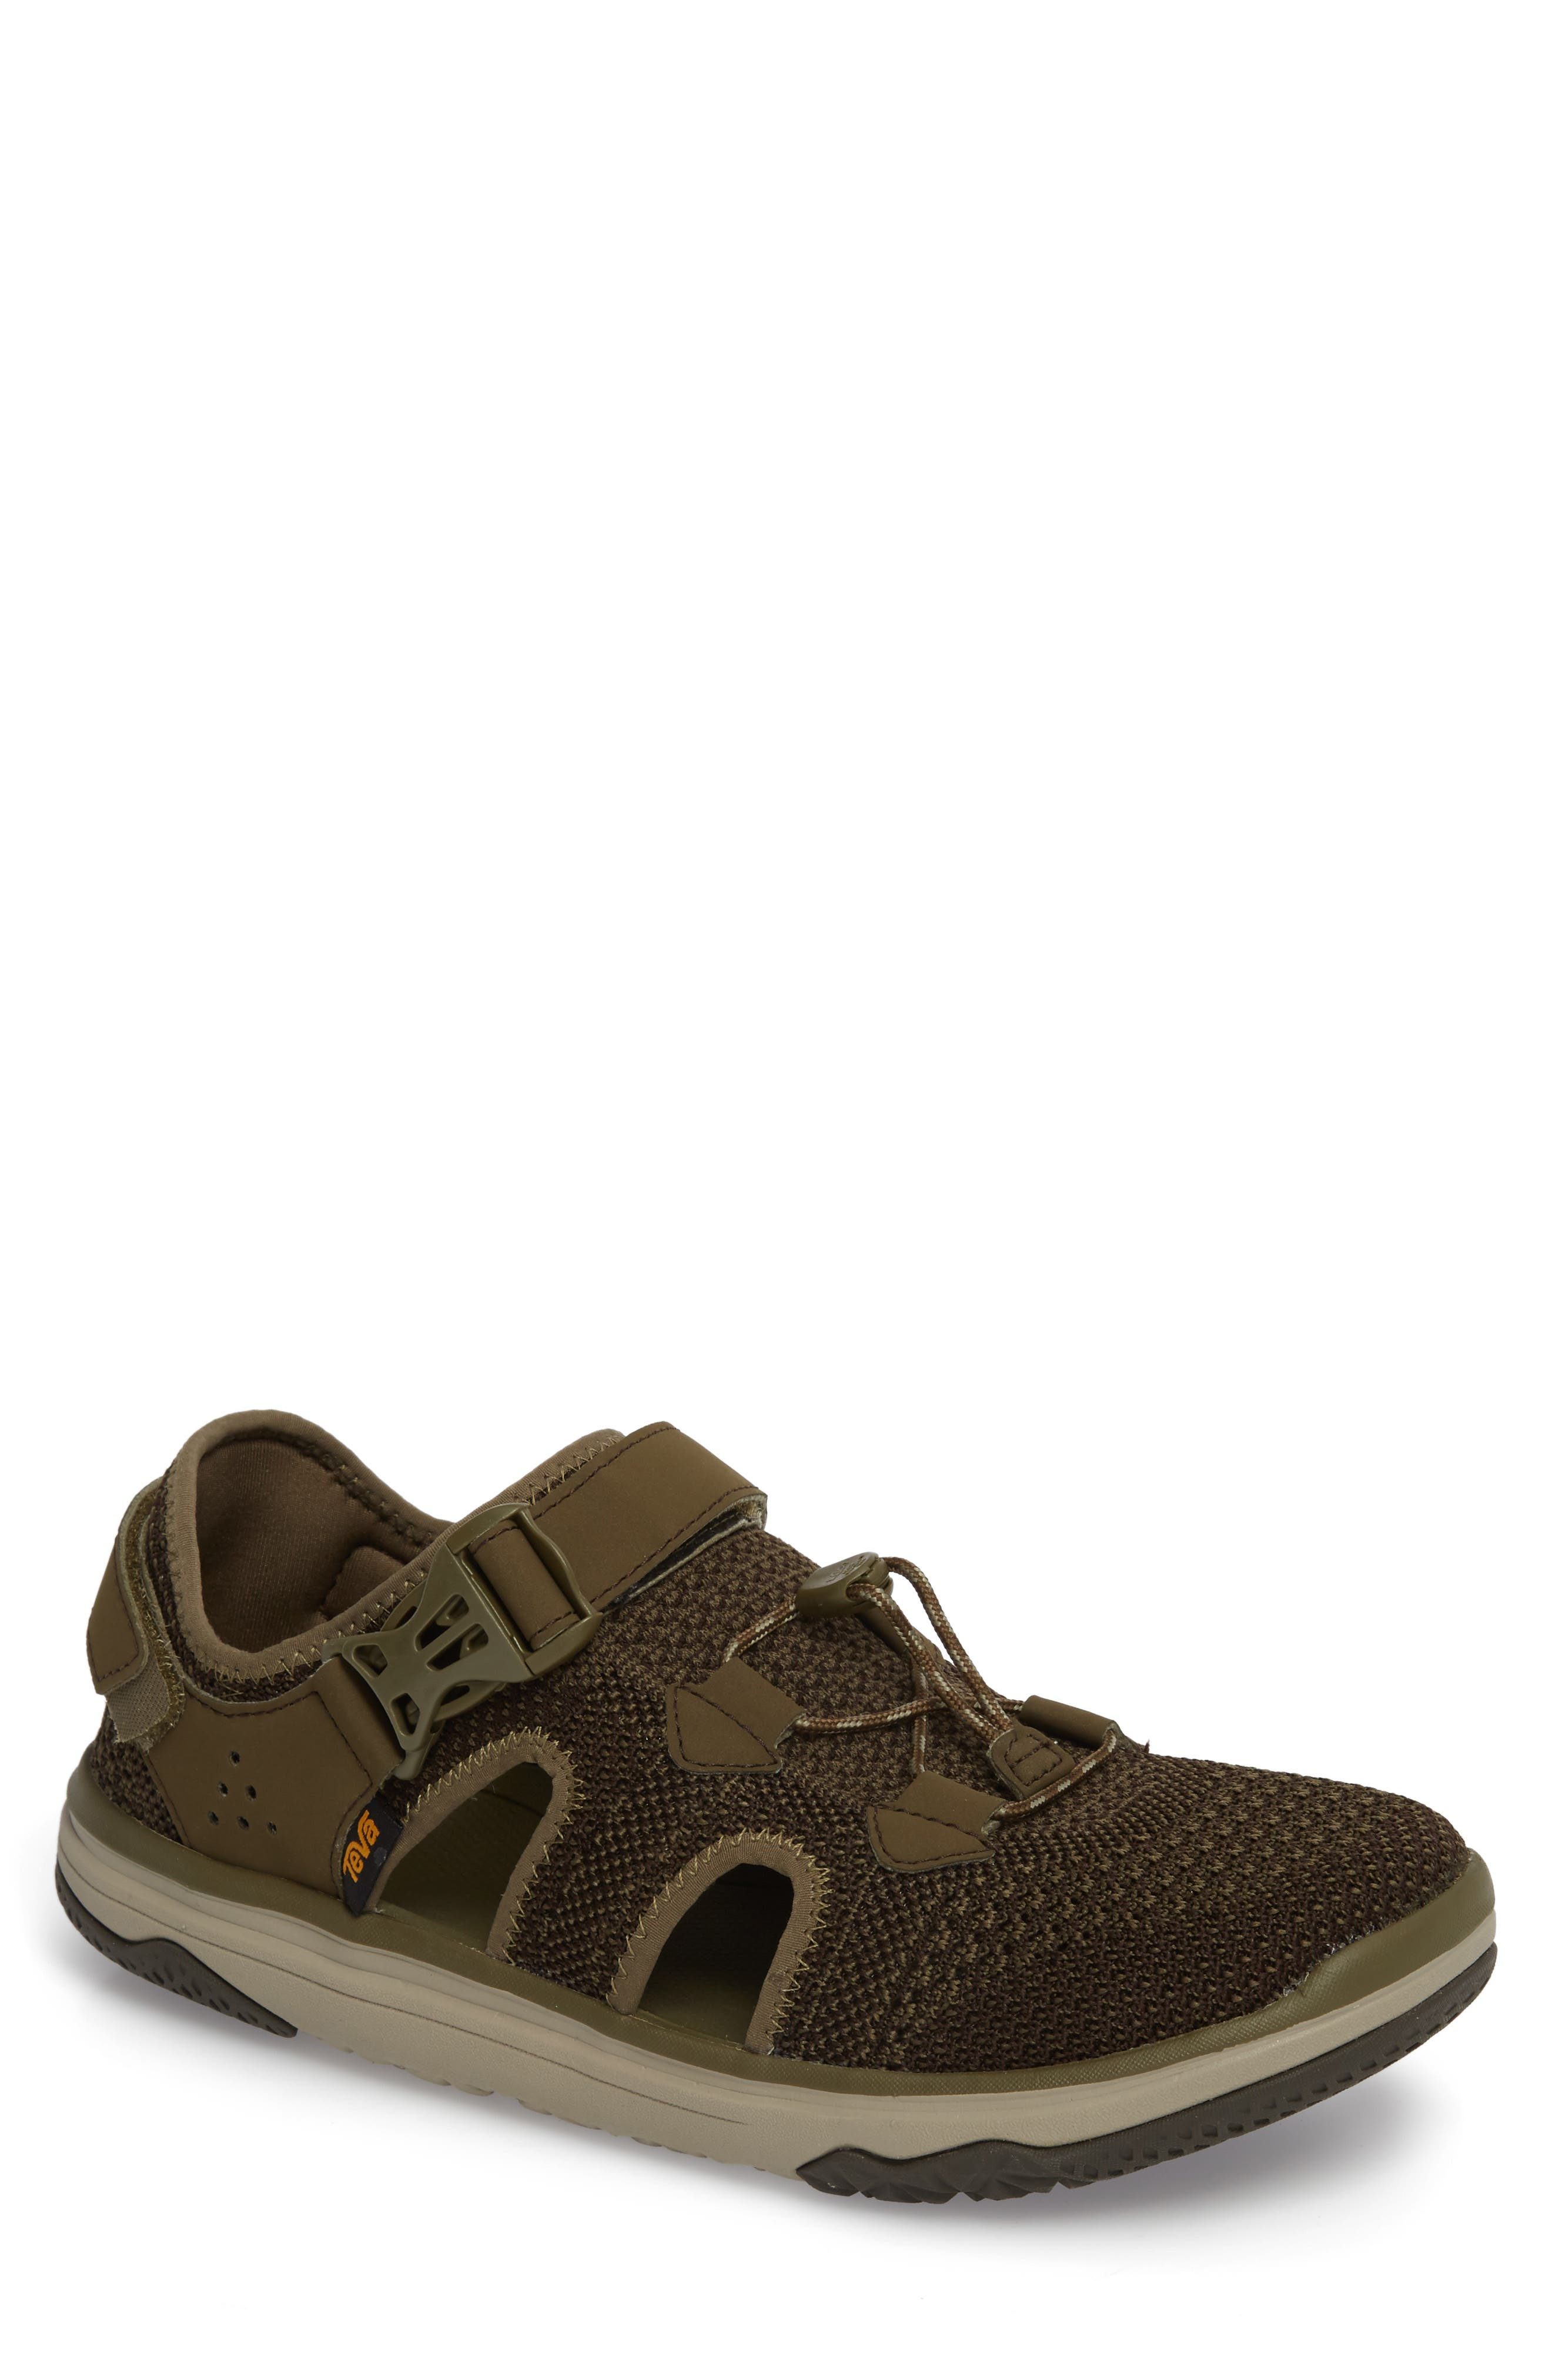 Teva Terra Float Travel Sneaker (Men)